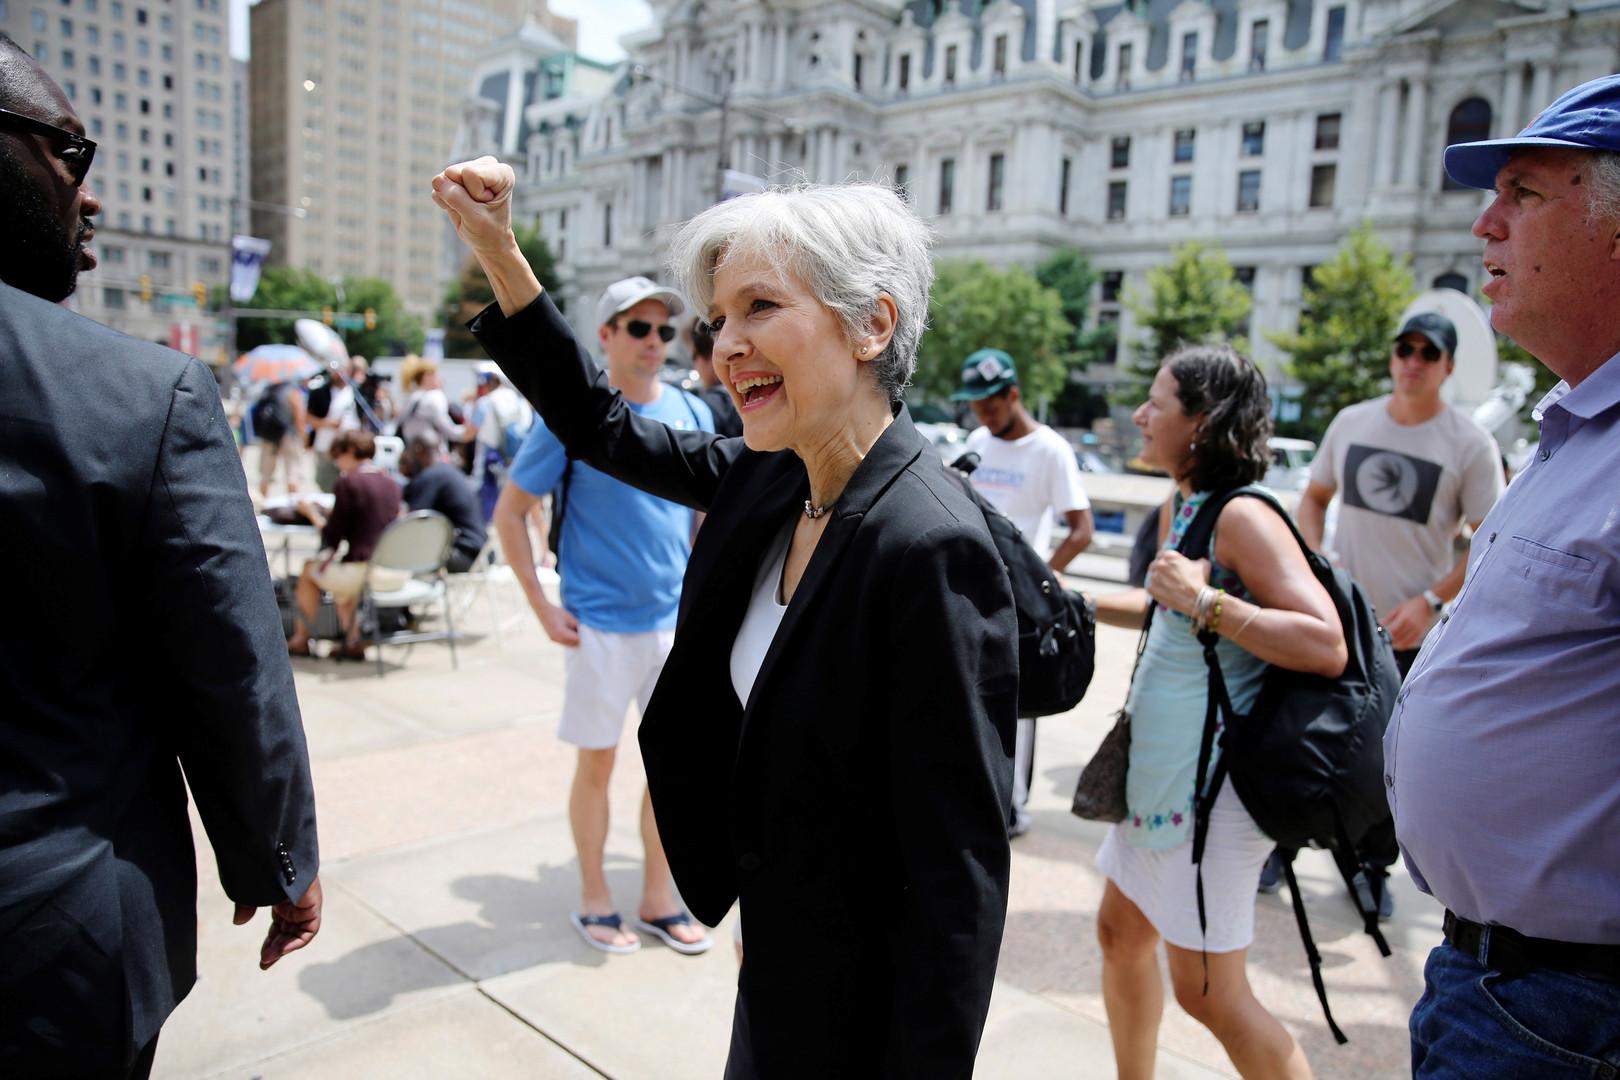 В США суд санкционировал арест кандидата в президенты от Партии зелёных Джилл Стайн